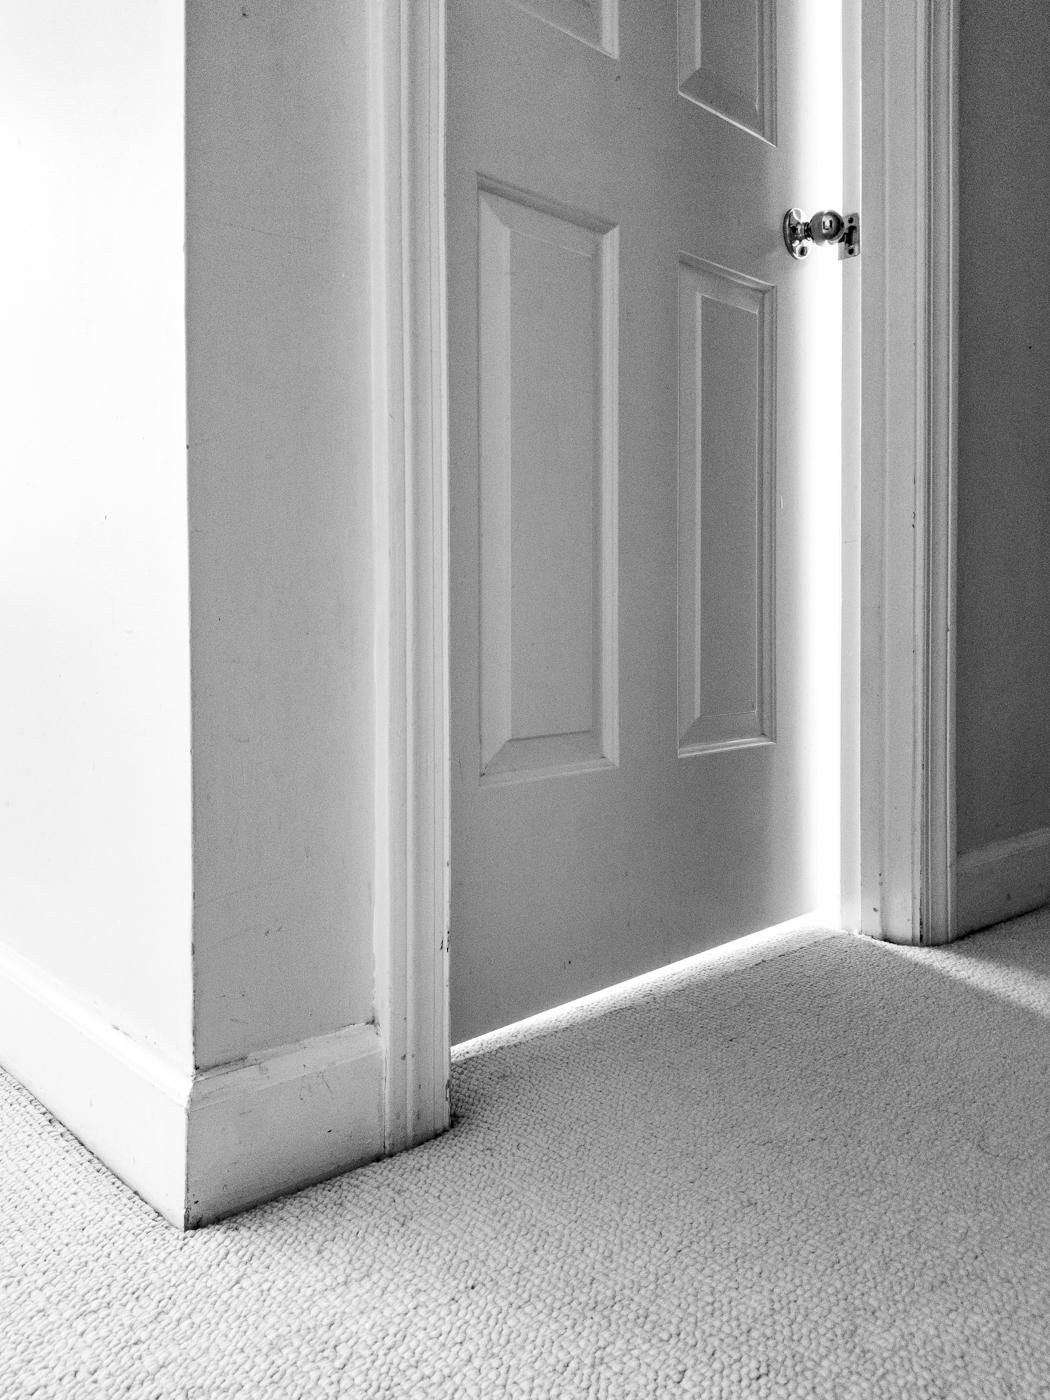 180428_Mocha_Room_Door_090430.jpg